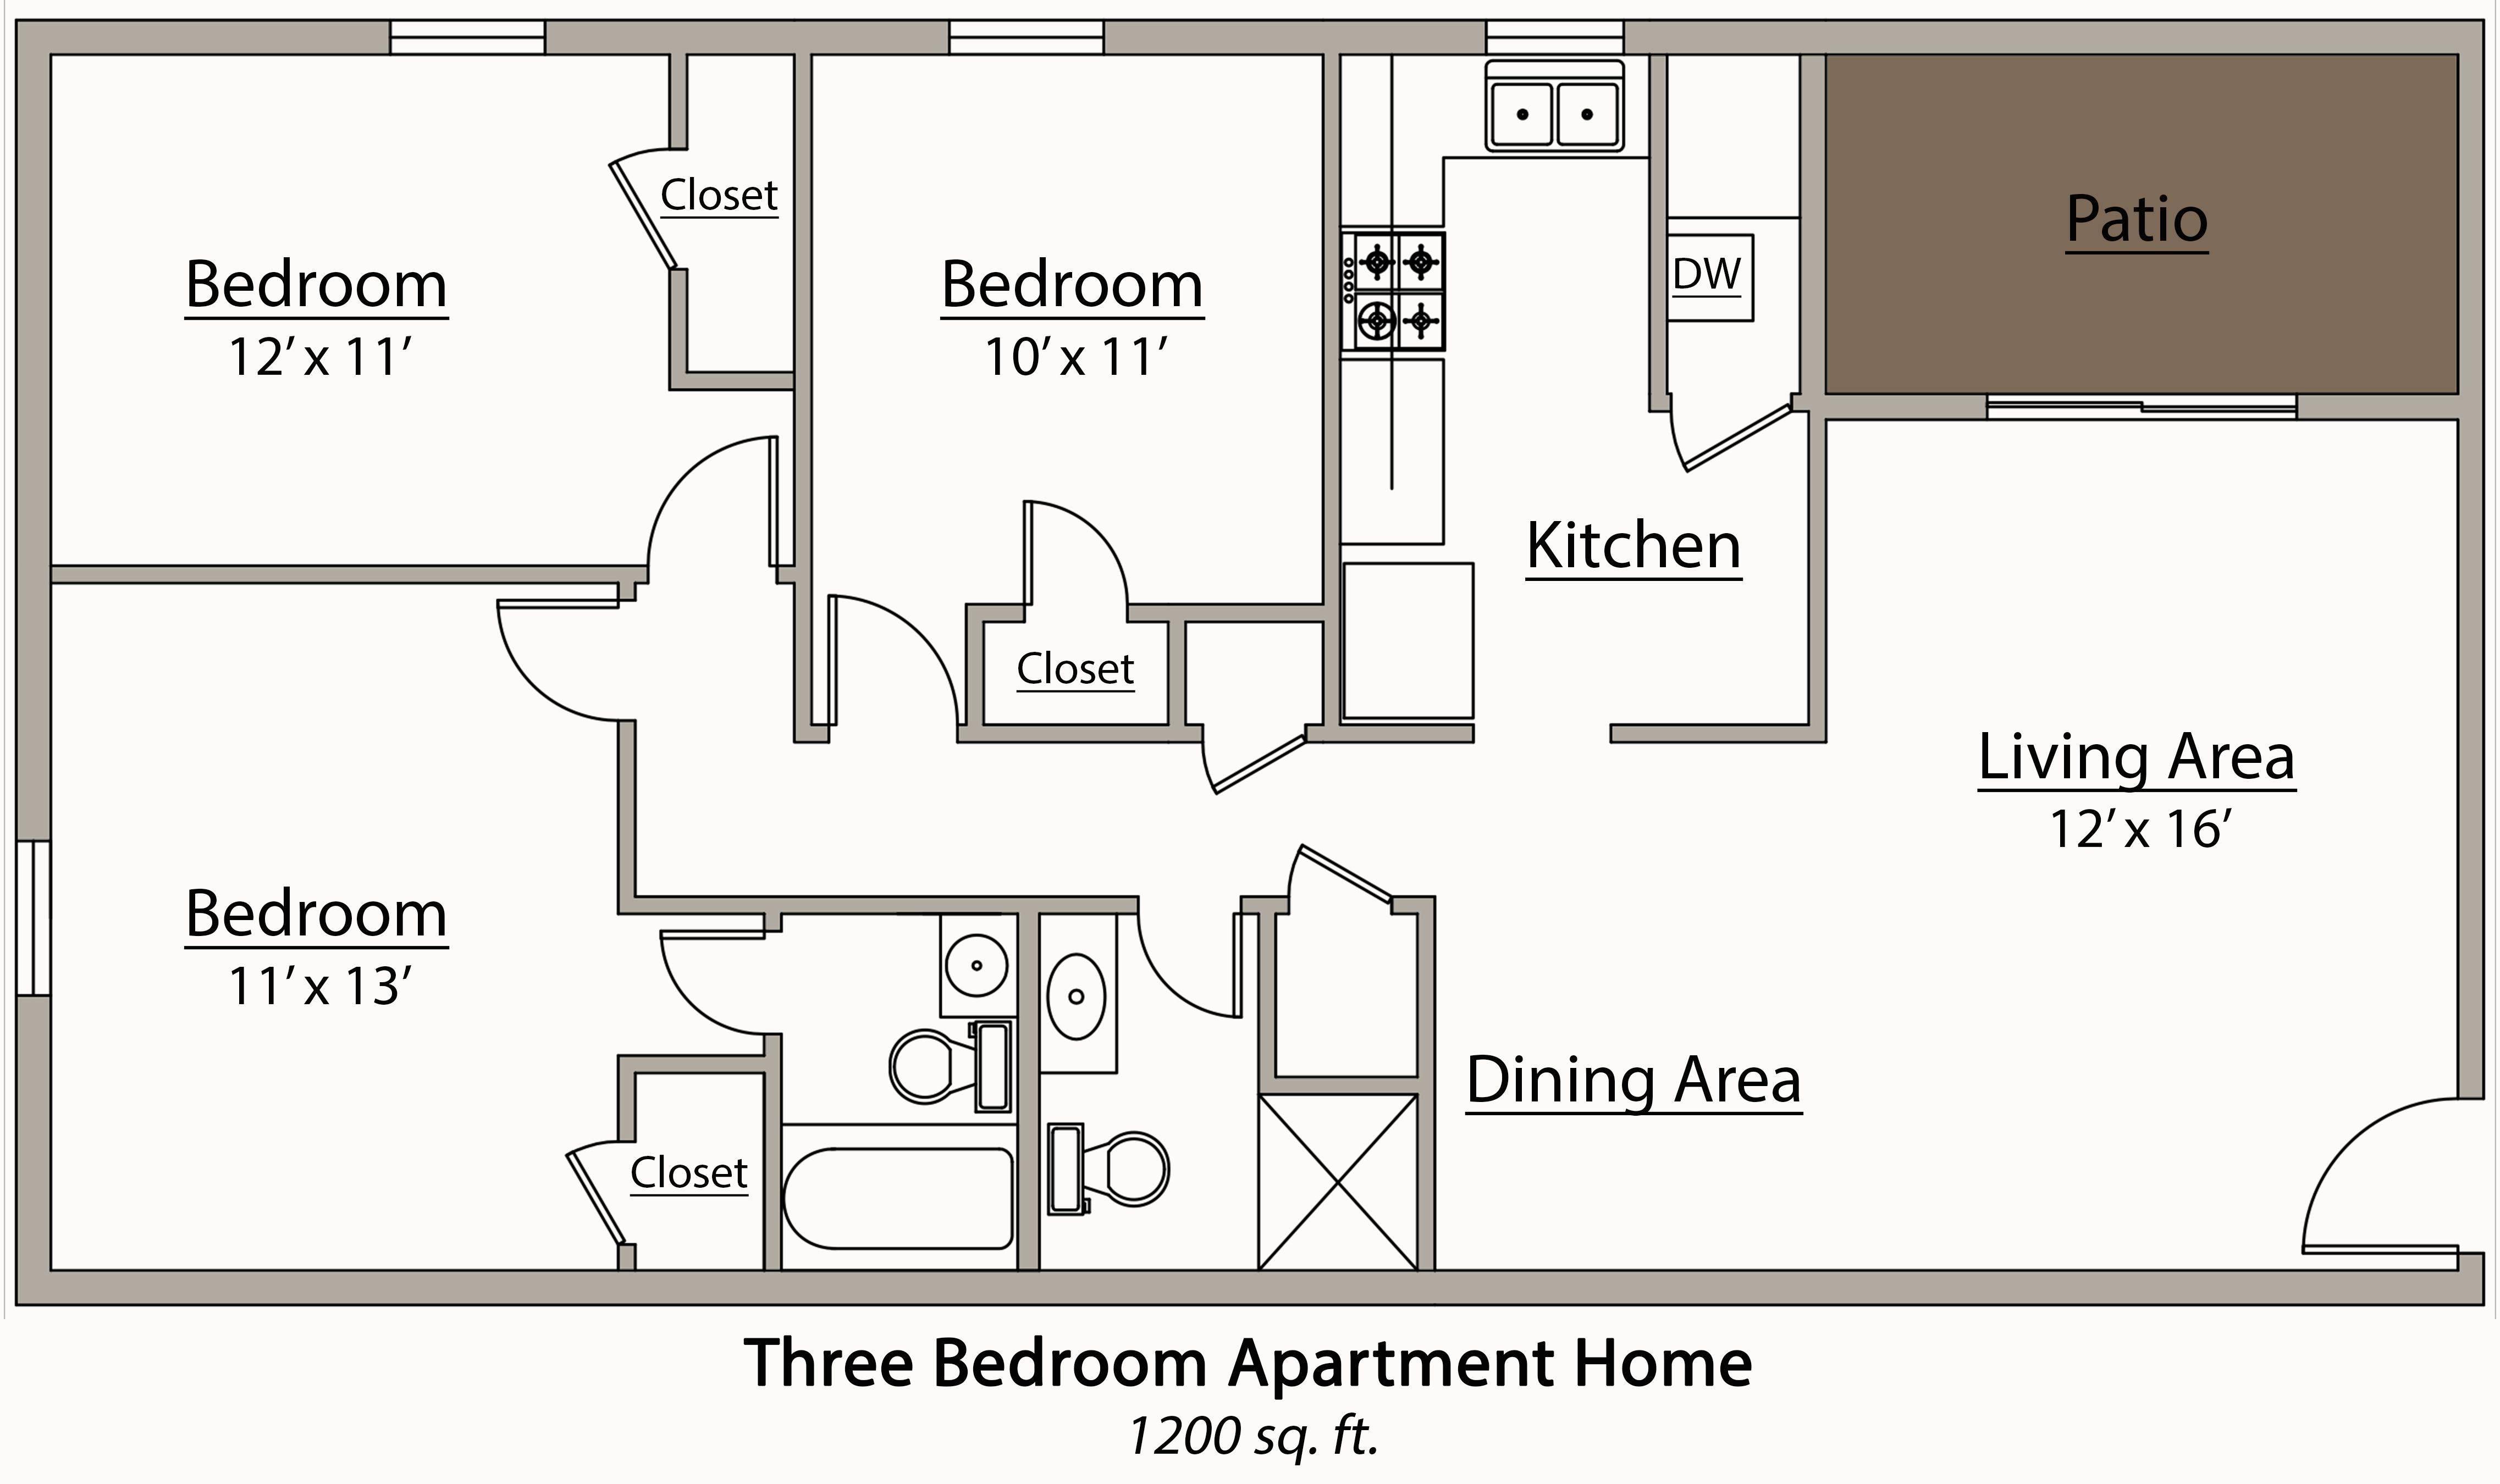 27 Surprisingly 3 Bedroom Floor Plan House Plans